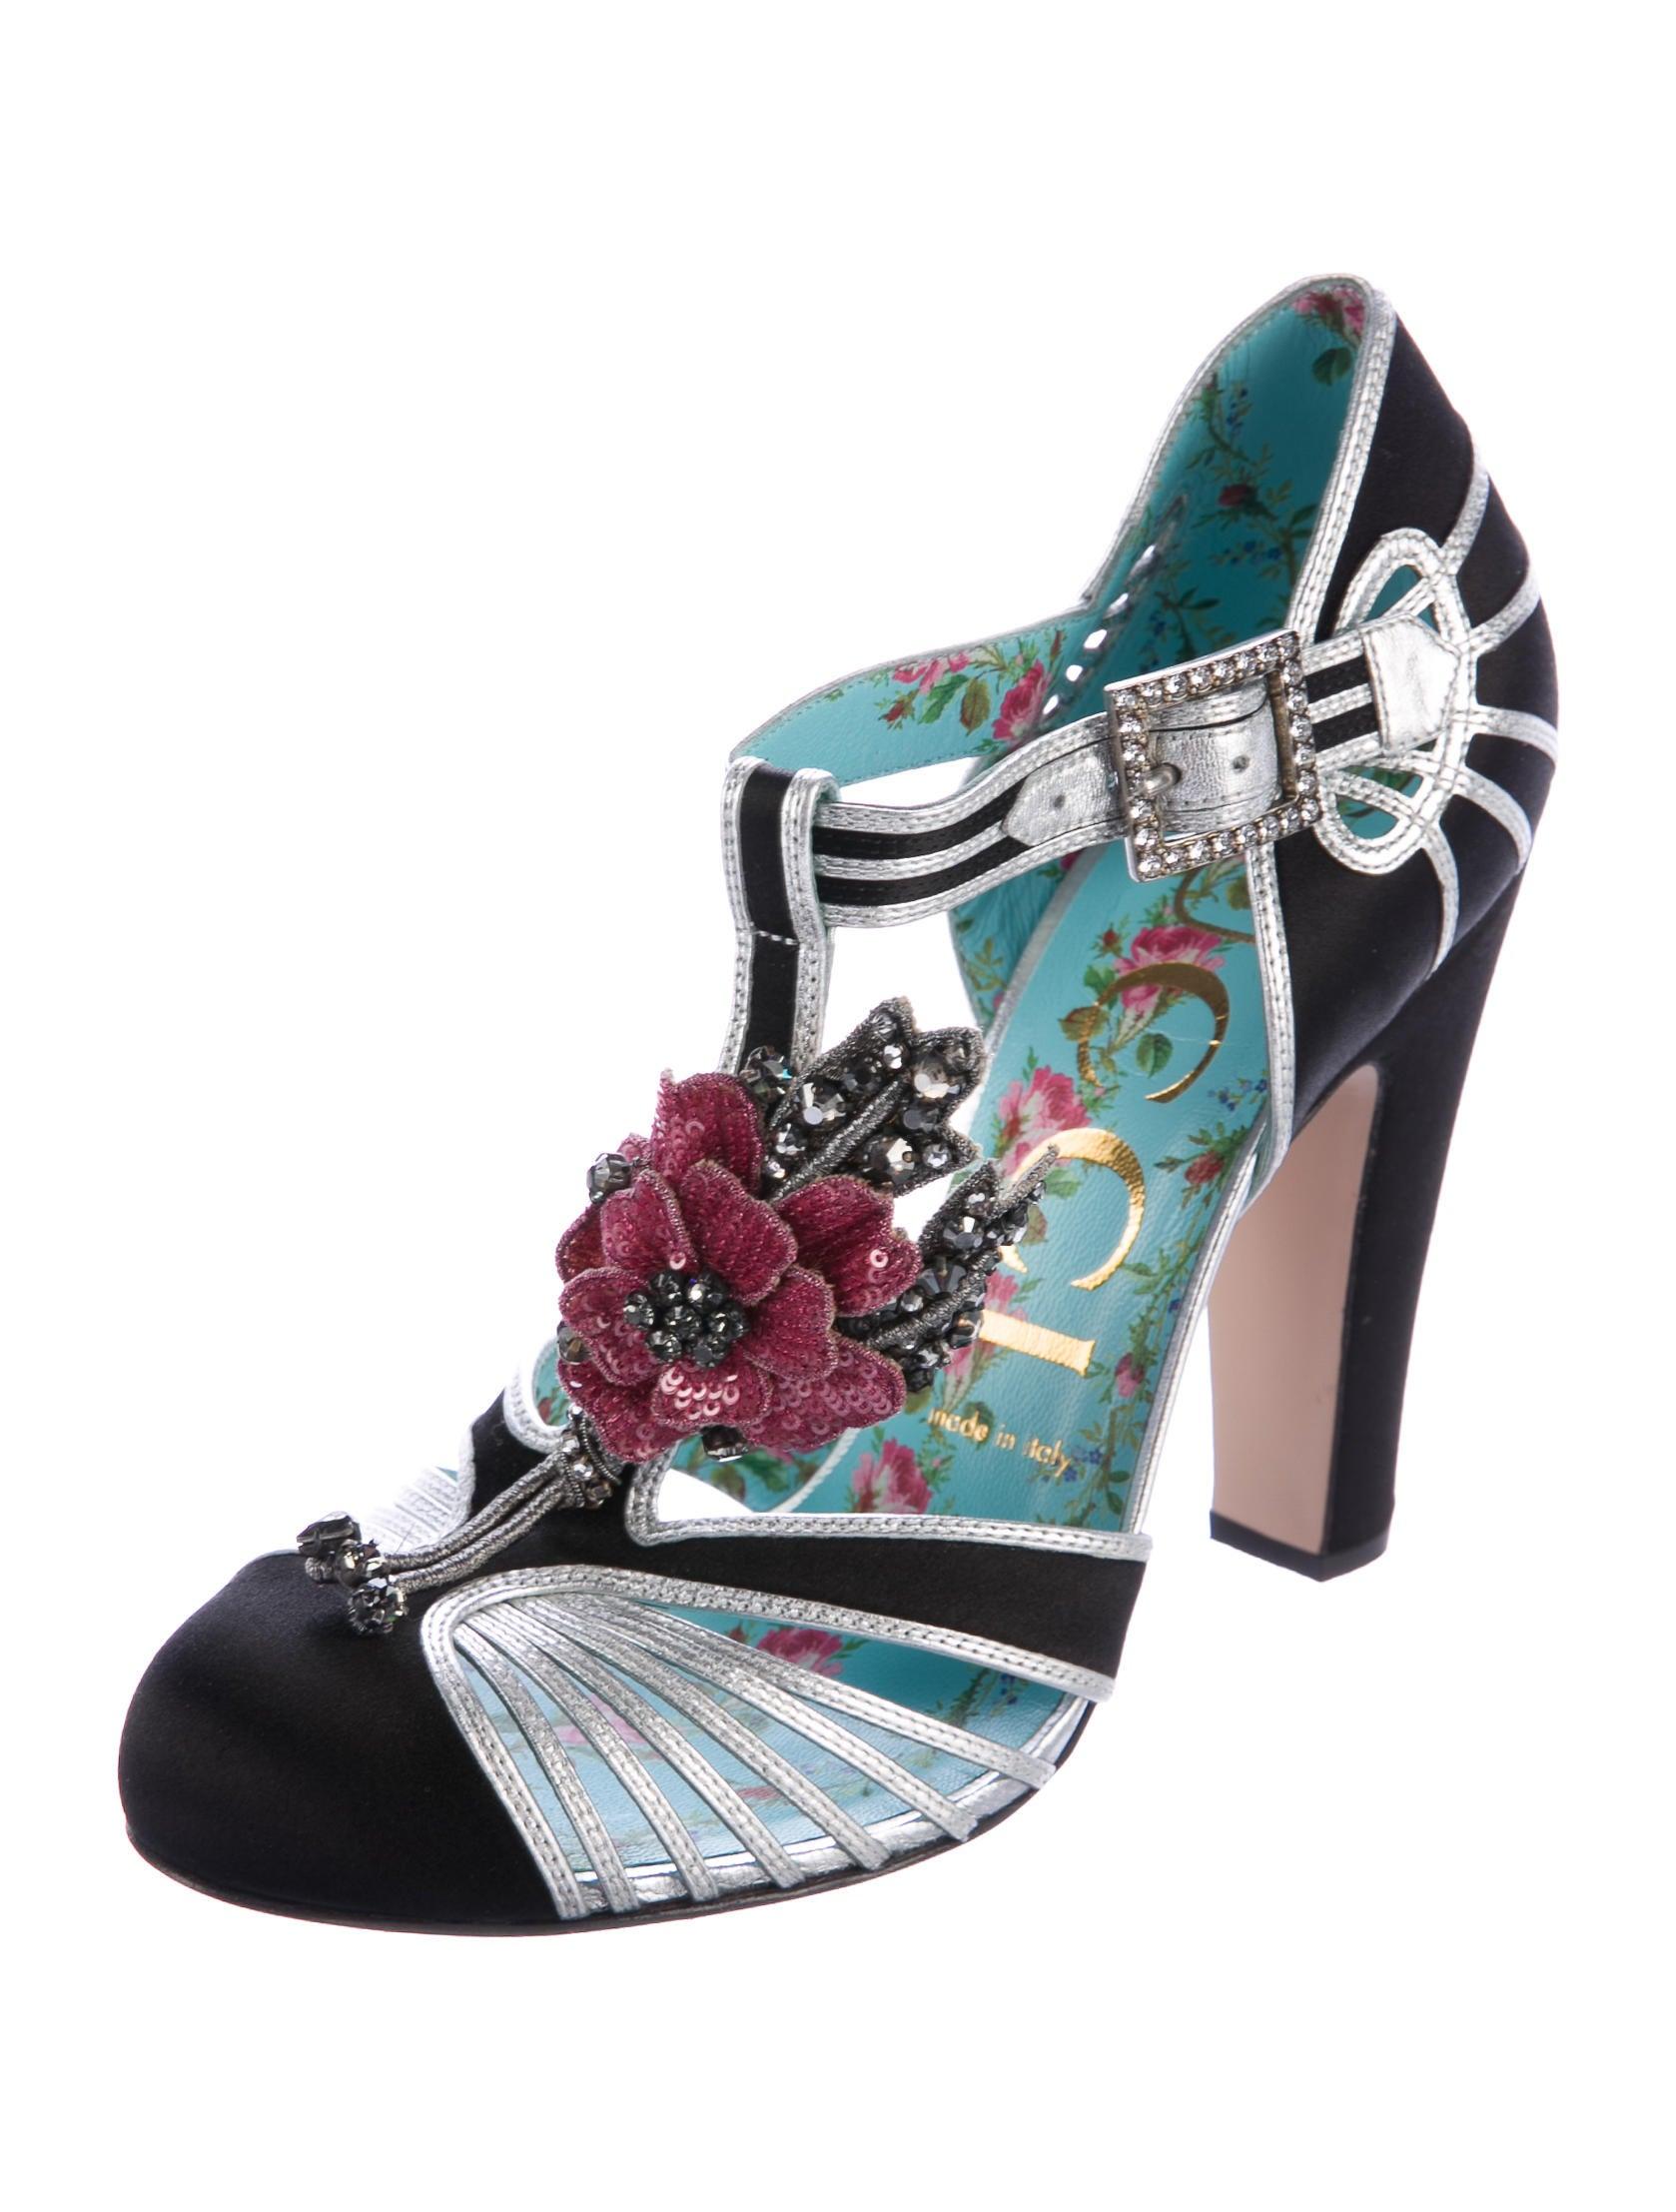 gucci 2017 mariska t strap pumps shoes guc159519 the realreal. Black Bedroom Furniture Sets. Home Design Ideas